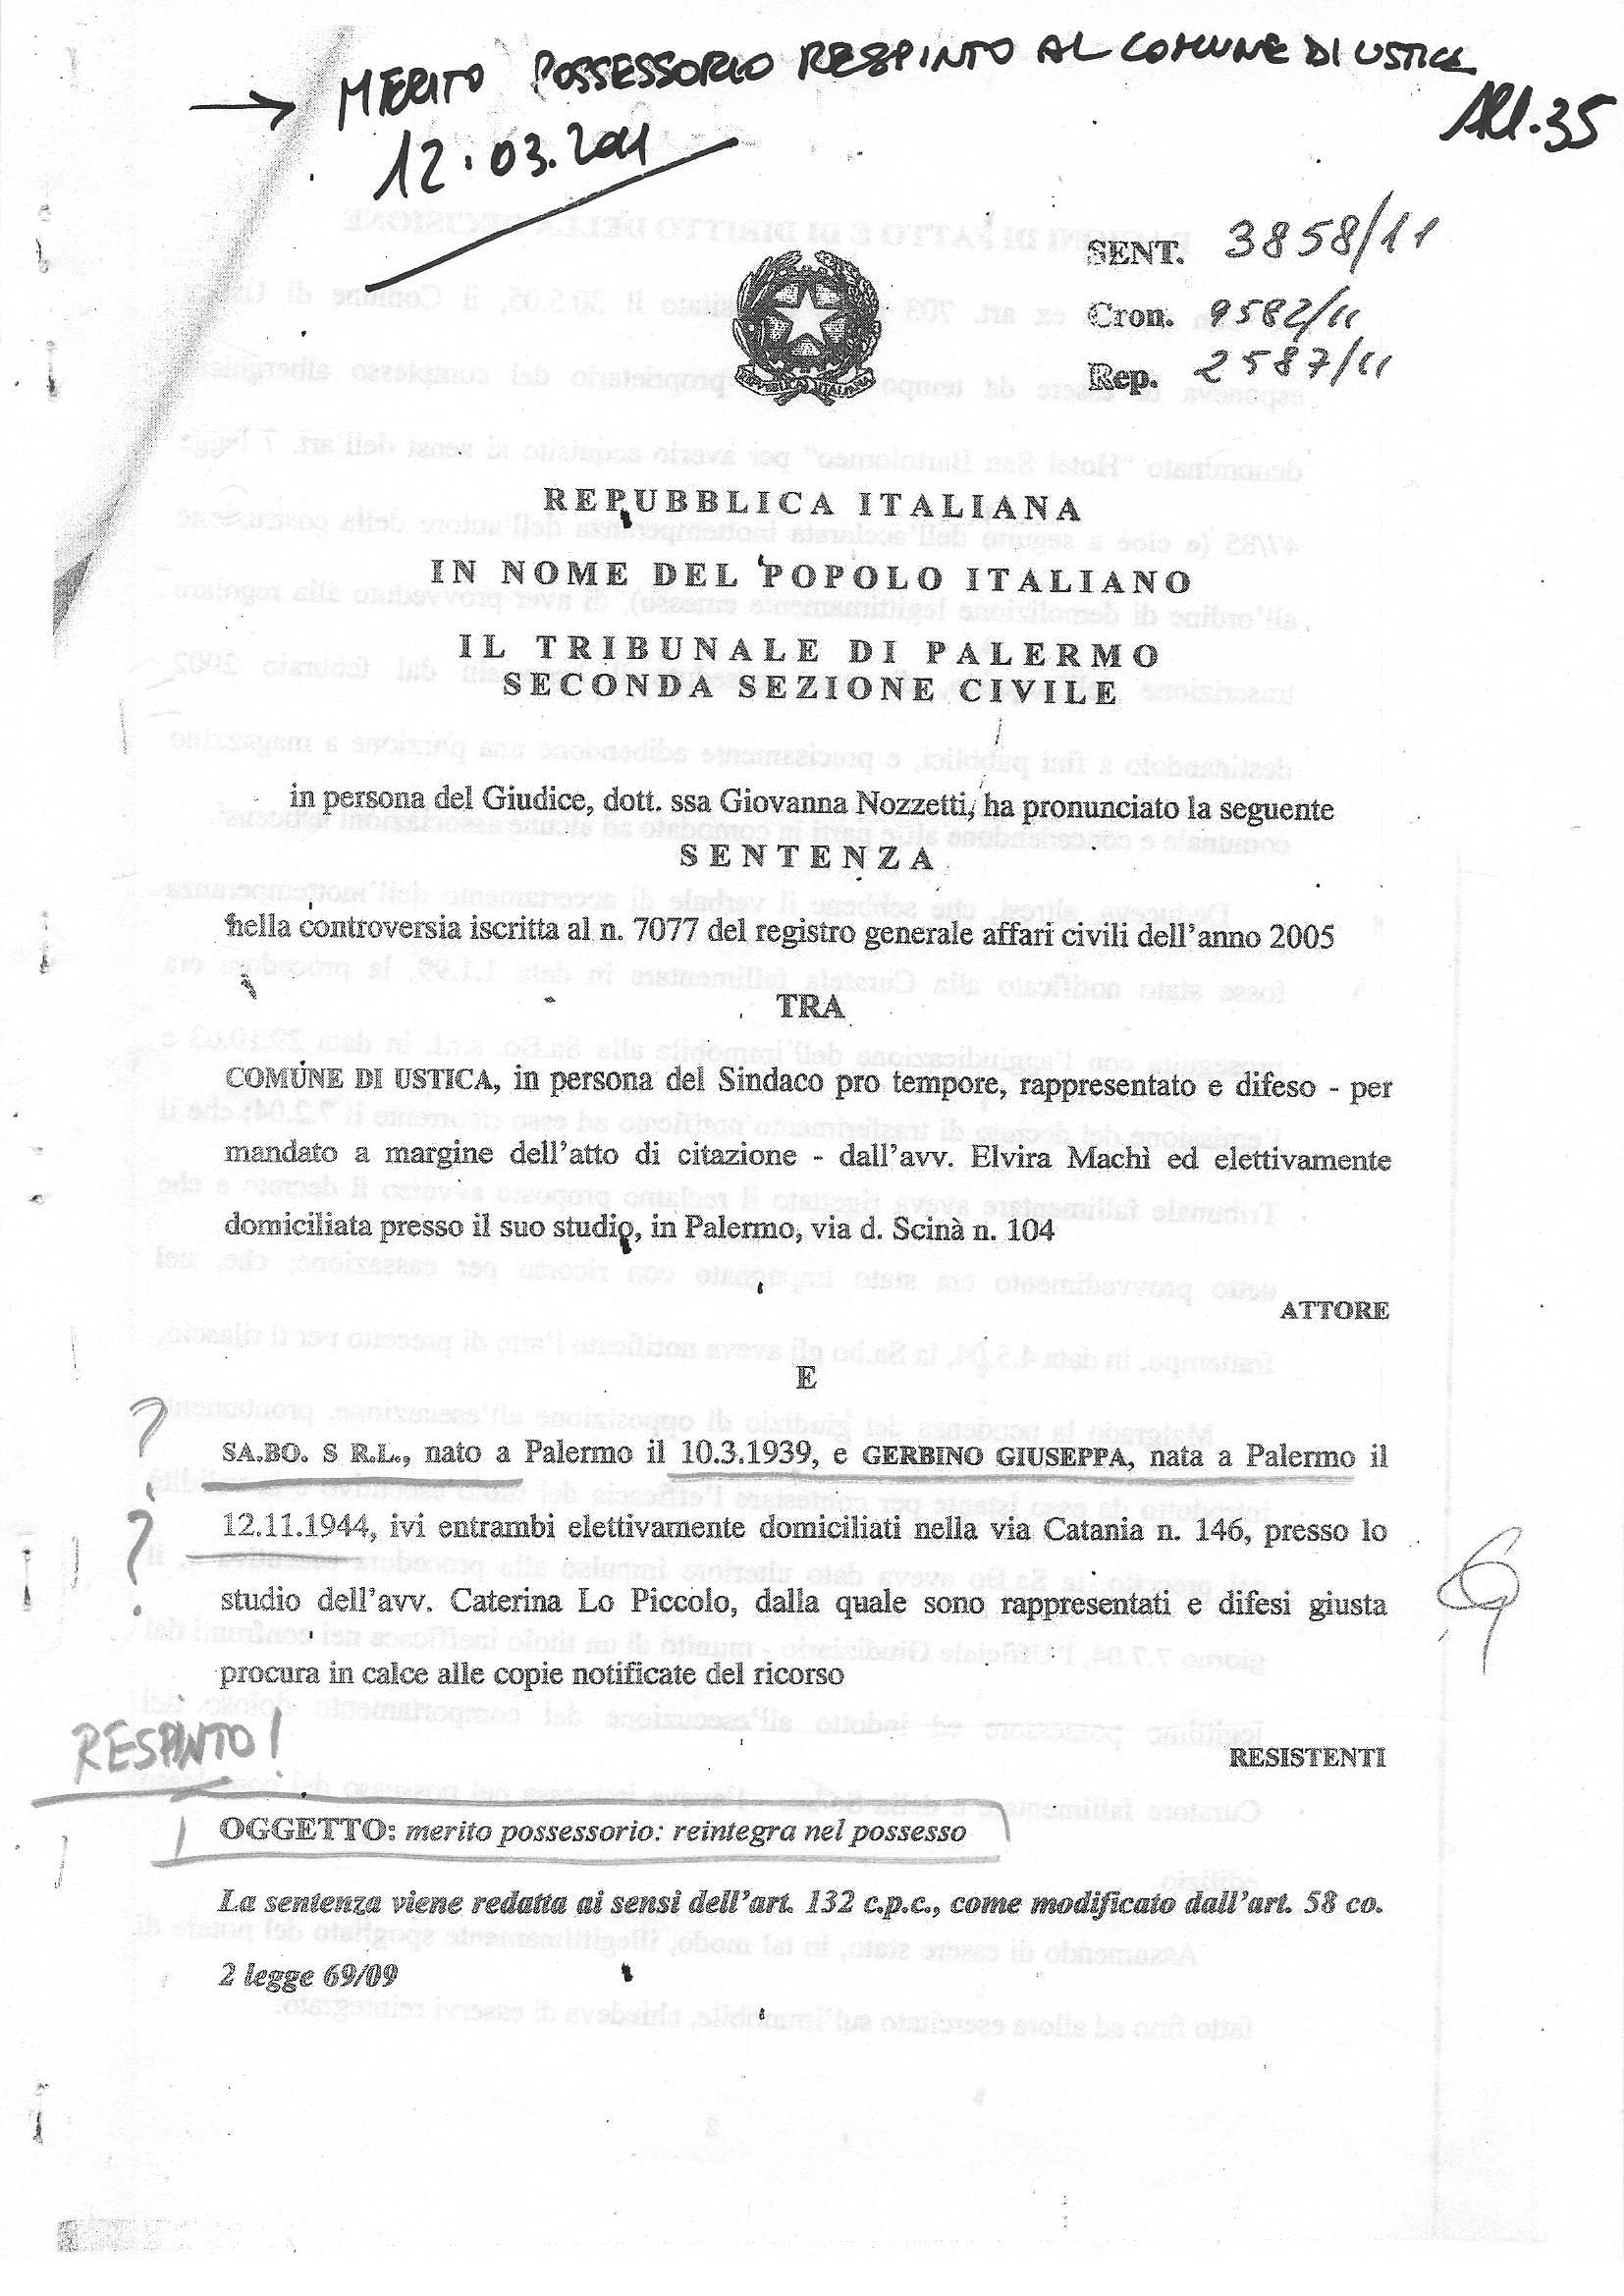 Pagine 1 sentenza Nozzetti 2011